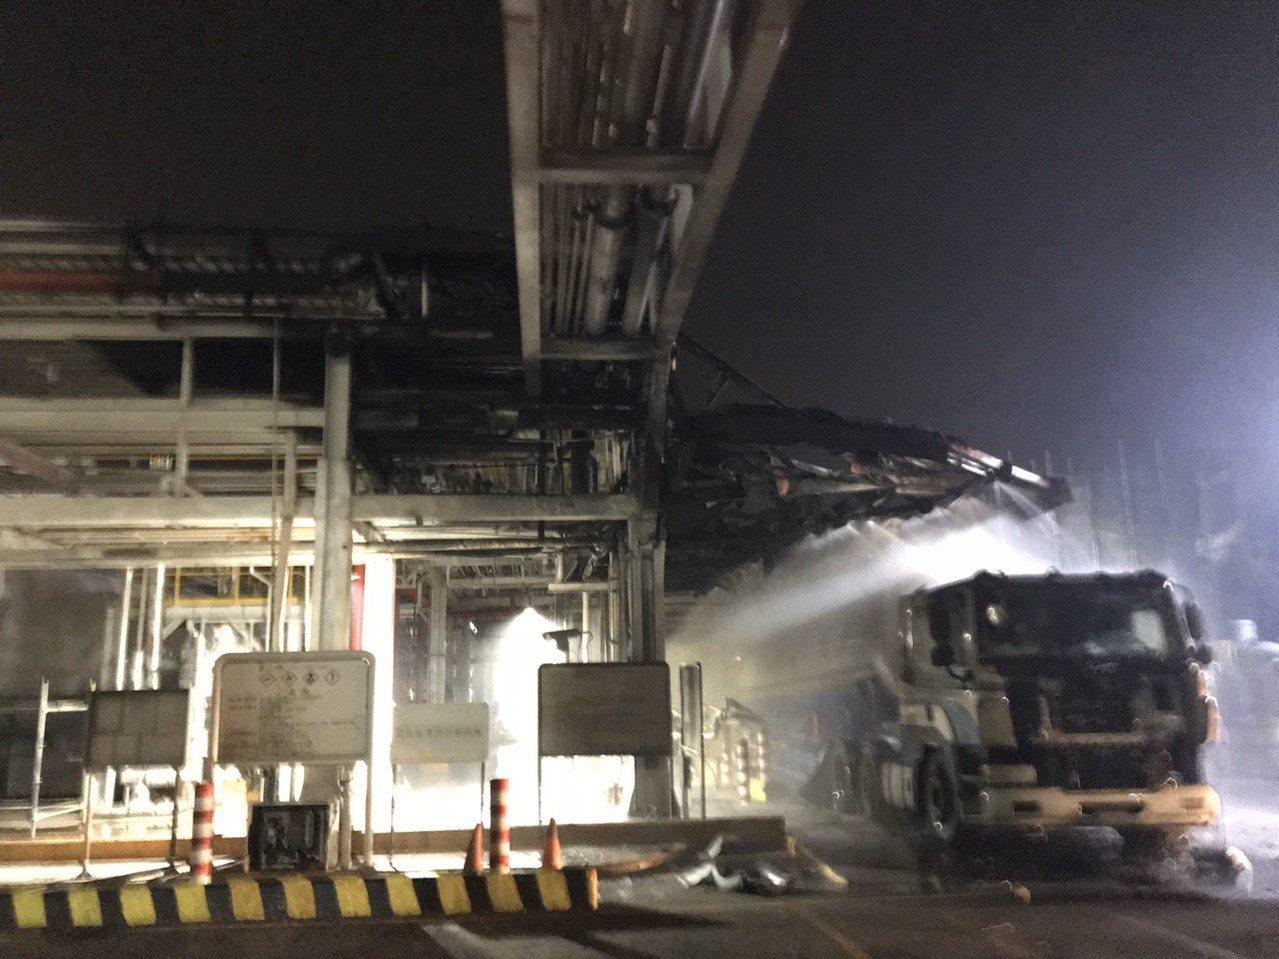 高雄林園工業區內的石化一路上某公司今凌晨傳火警,1輛化學槽車在灌裝易燃氣體時起火...